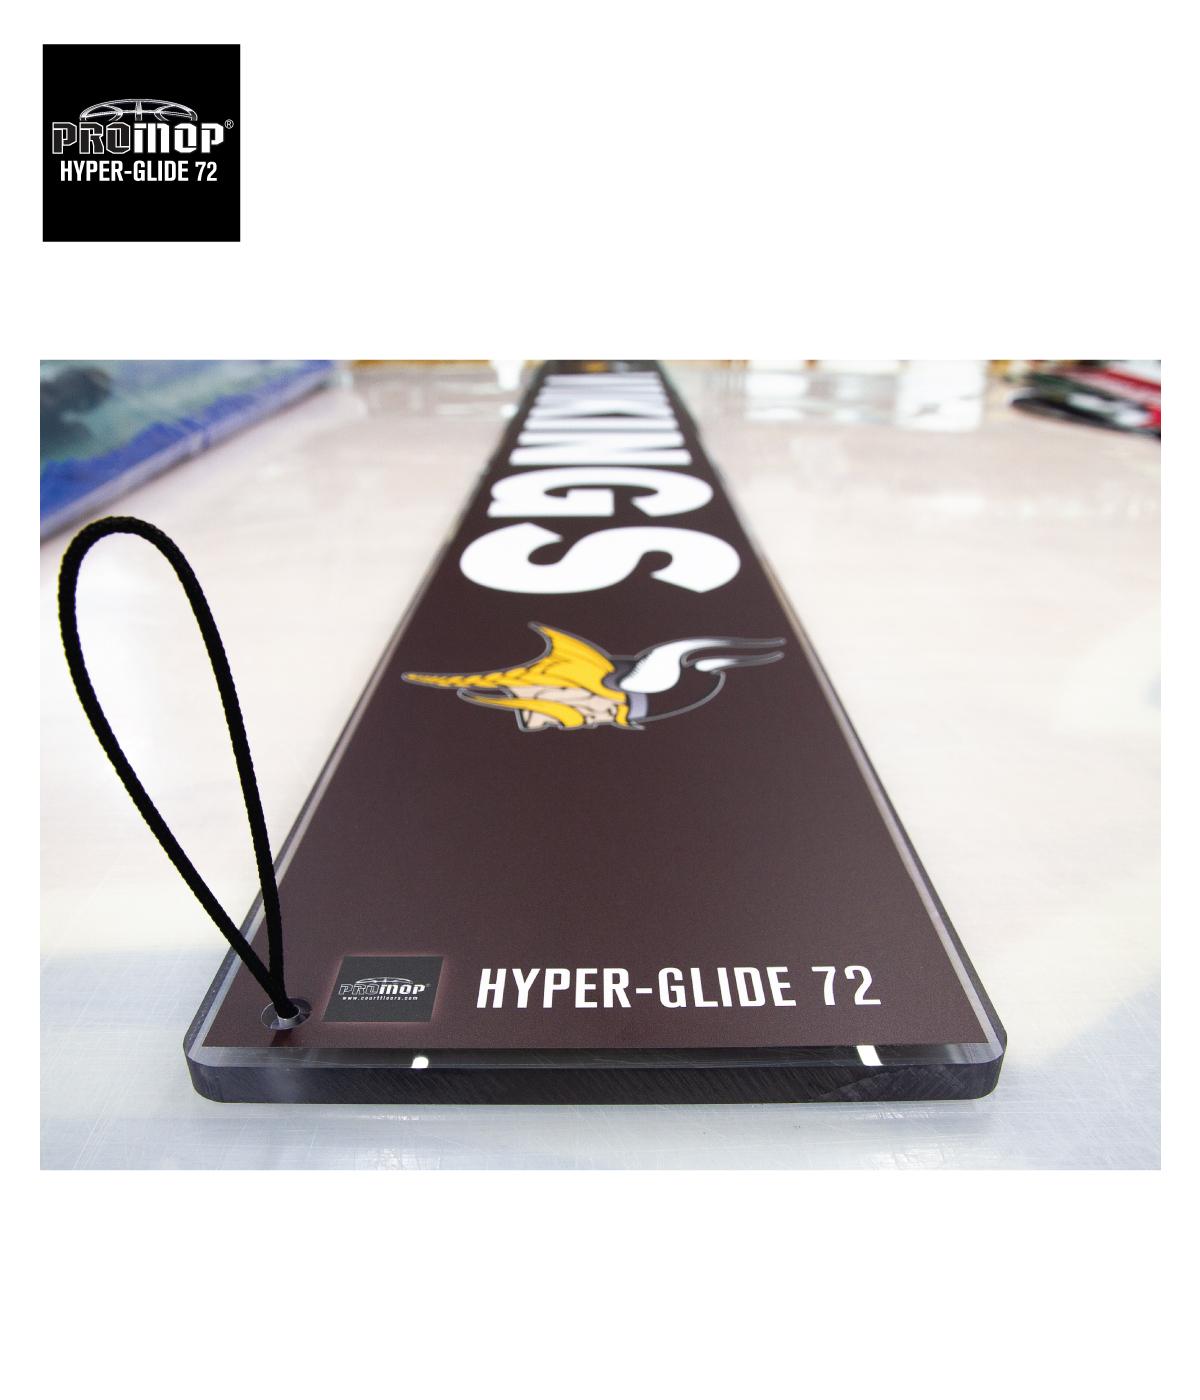 PROMOP HYPER-GLIDE 72 BASKETBALL VOLLEYBALL GYM FLOOR MICROFIBER MOP